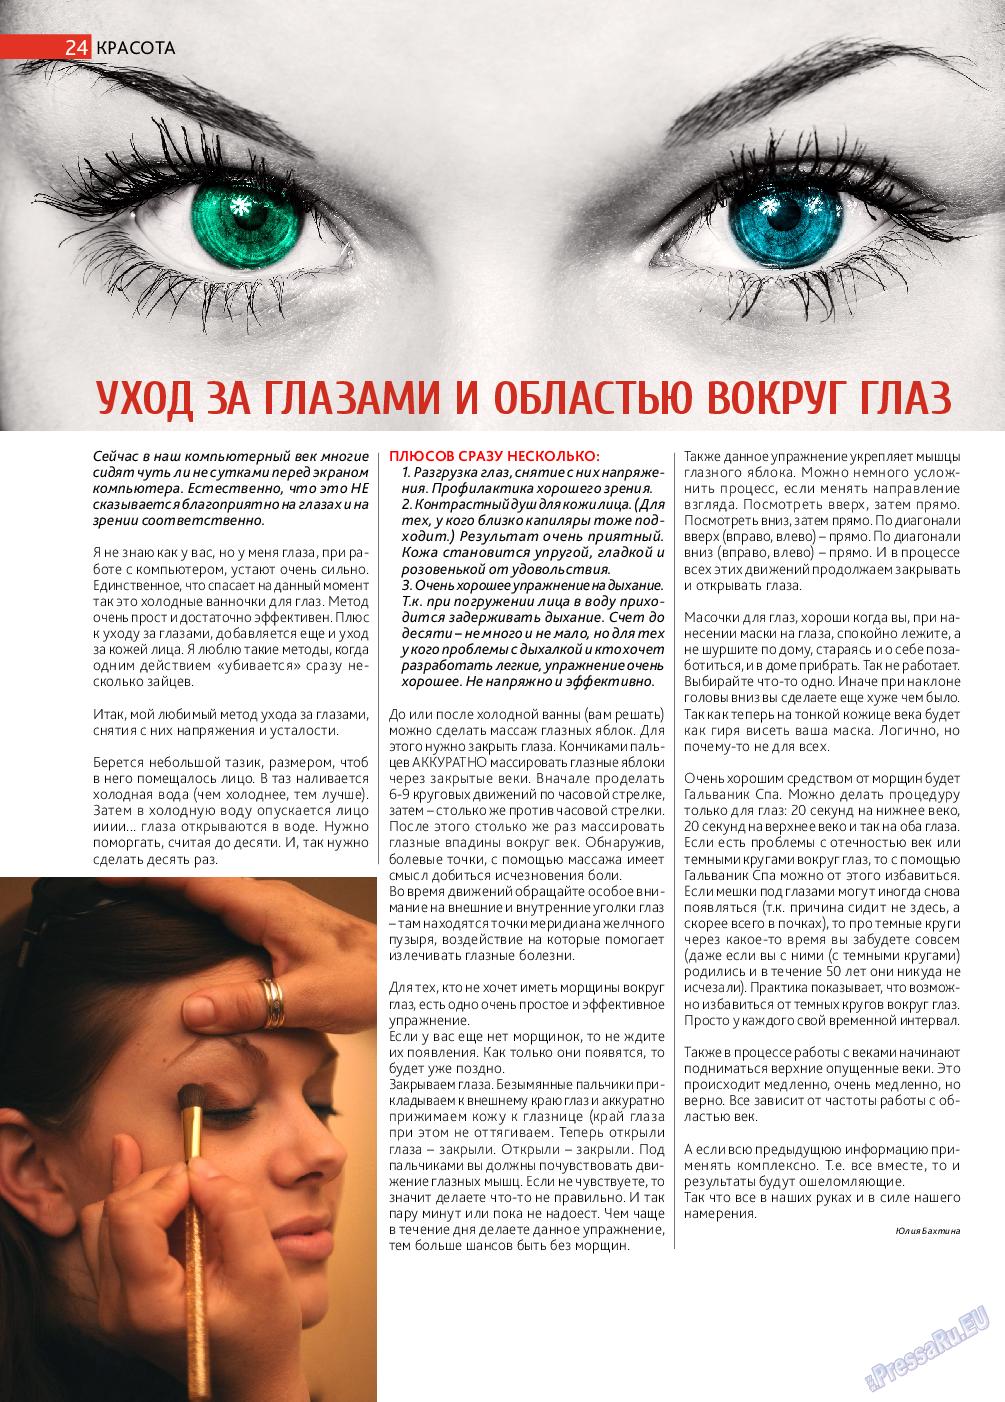 Афиша Augsburg (журнал). 2015 год, номер 7, стр. 24